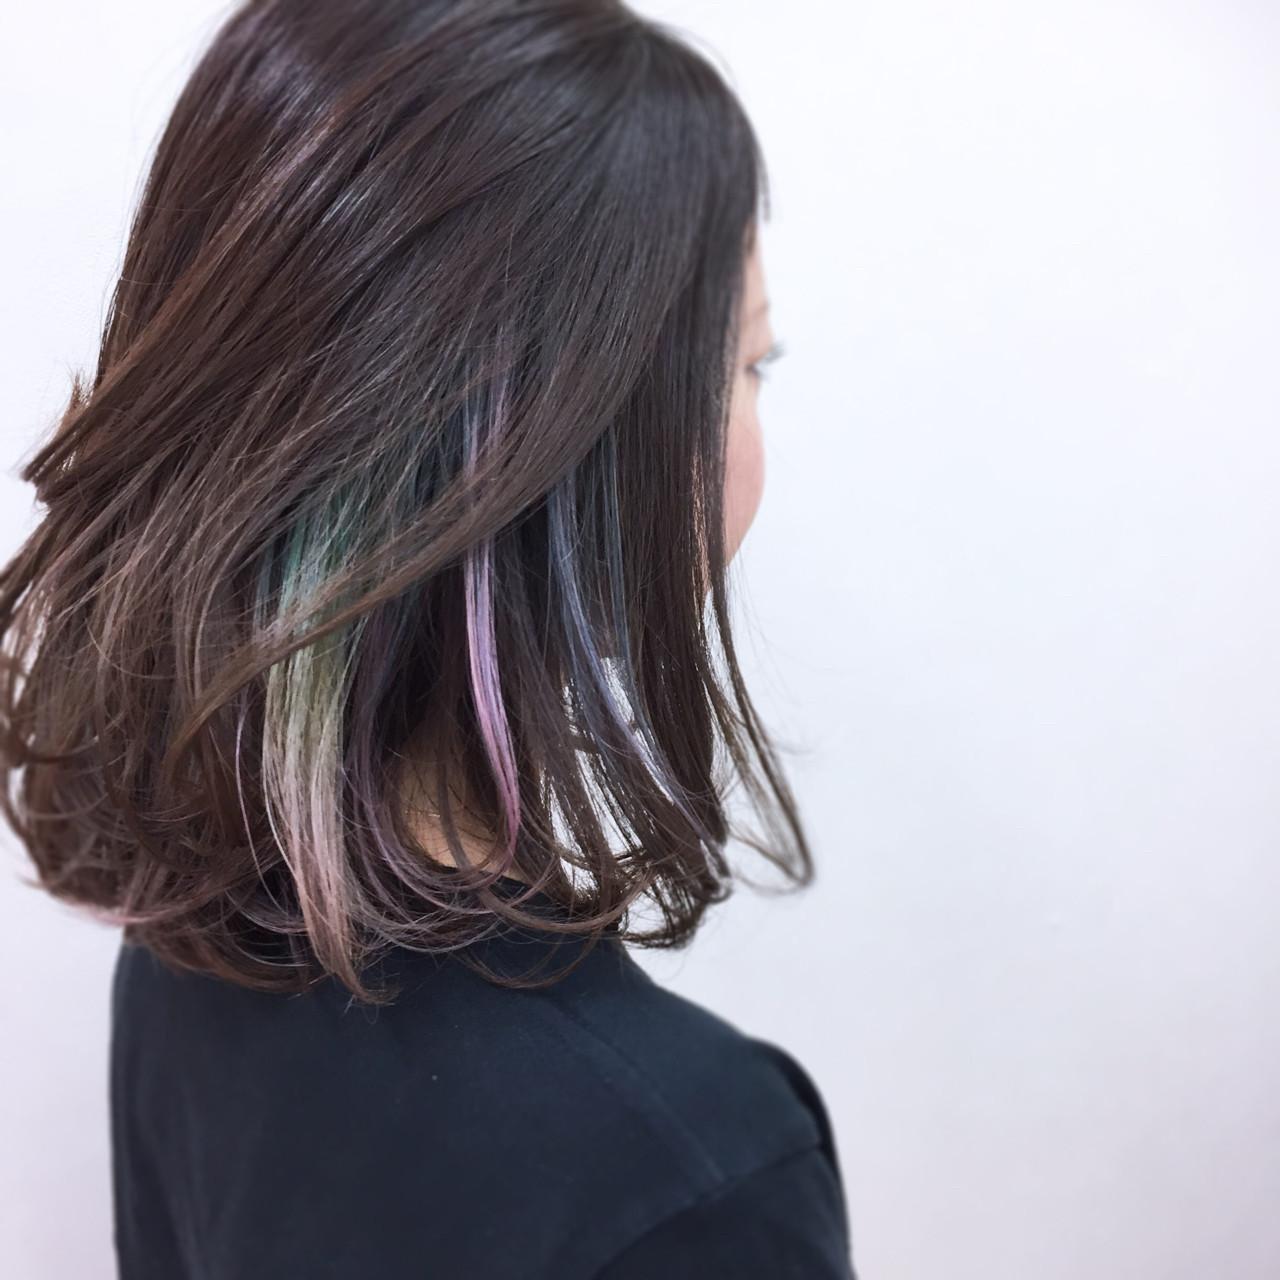 ガーリー カラフルカラー インナーカラー ゆるふわ ヘアスタイルや髪型の写真・画像